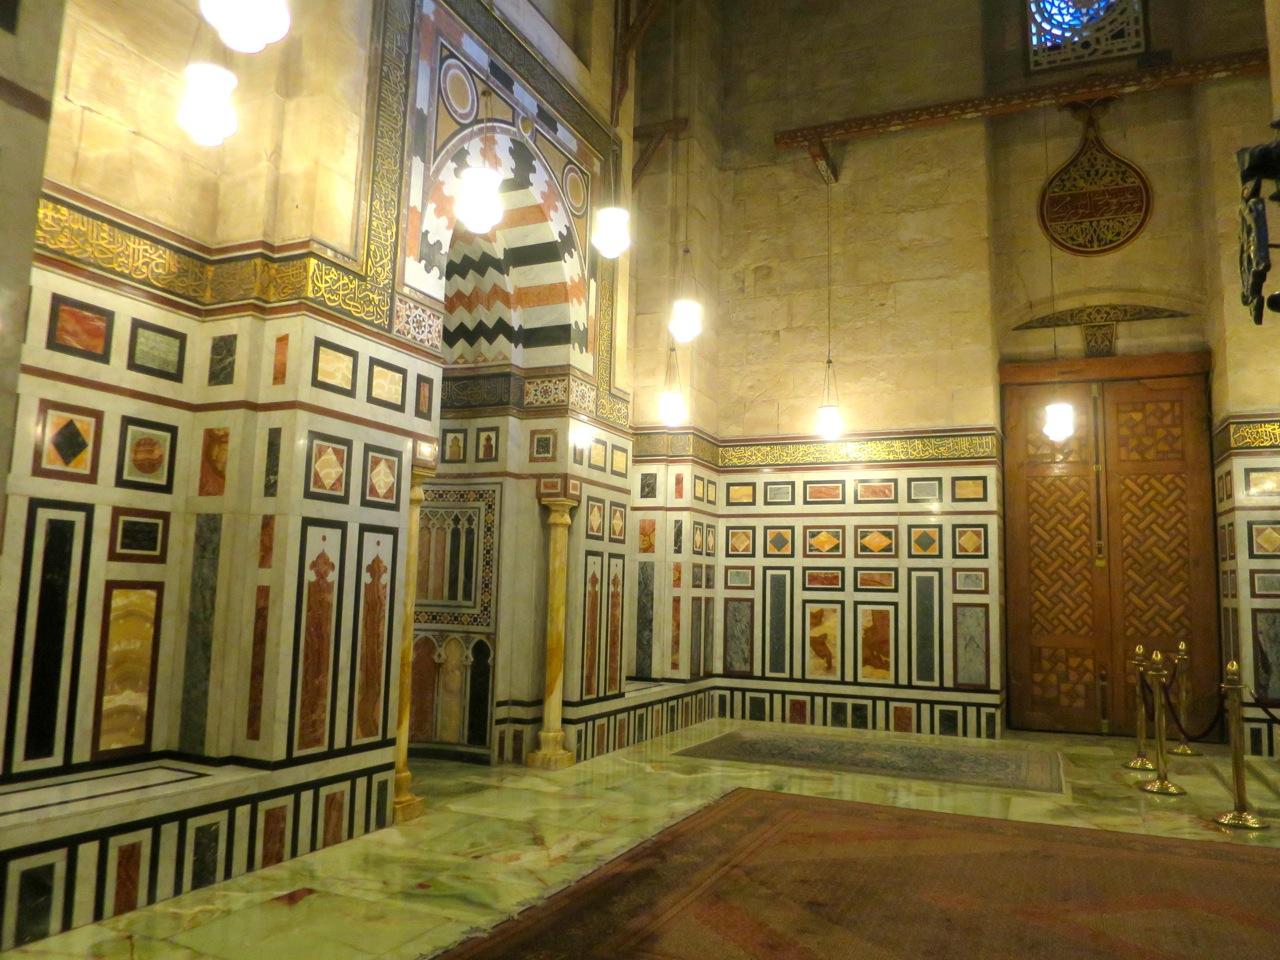 Cairo 9-25